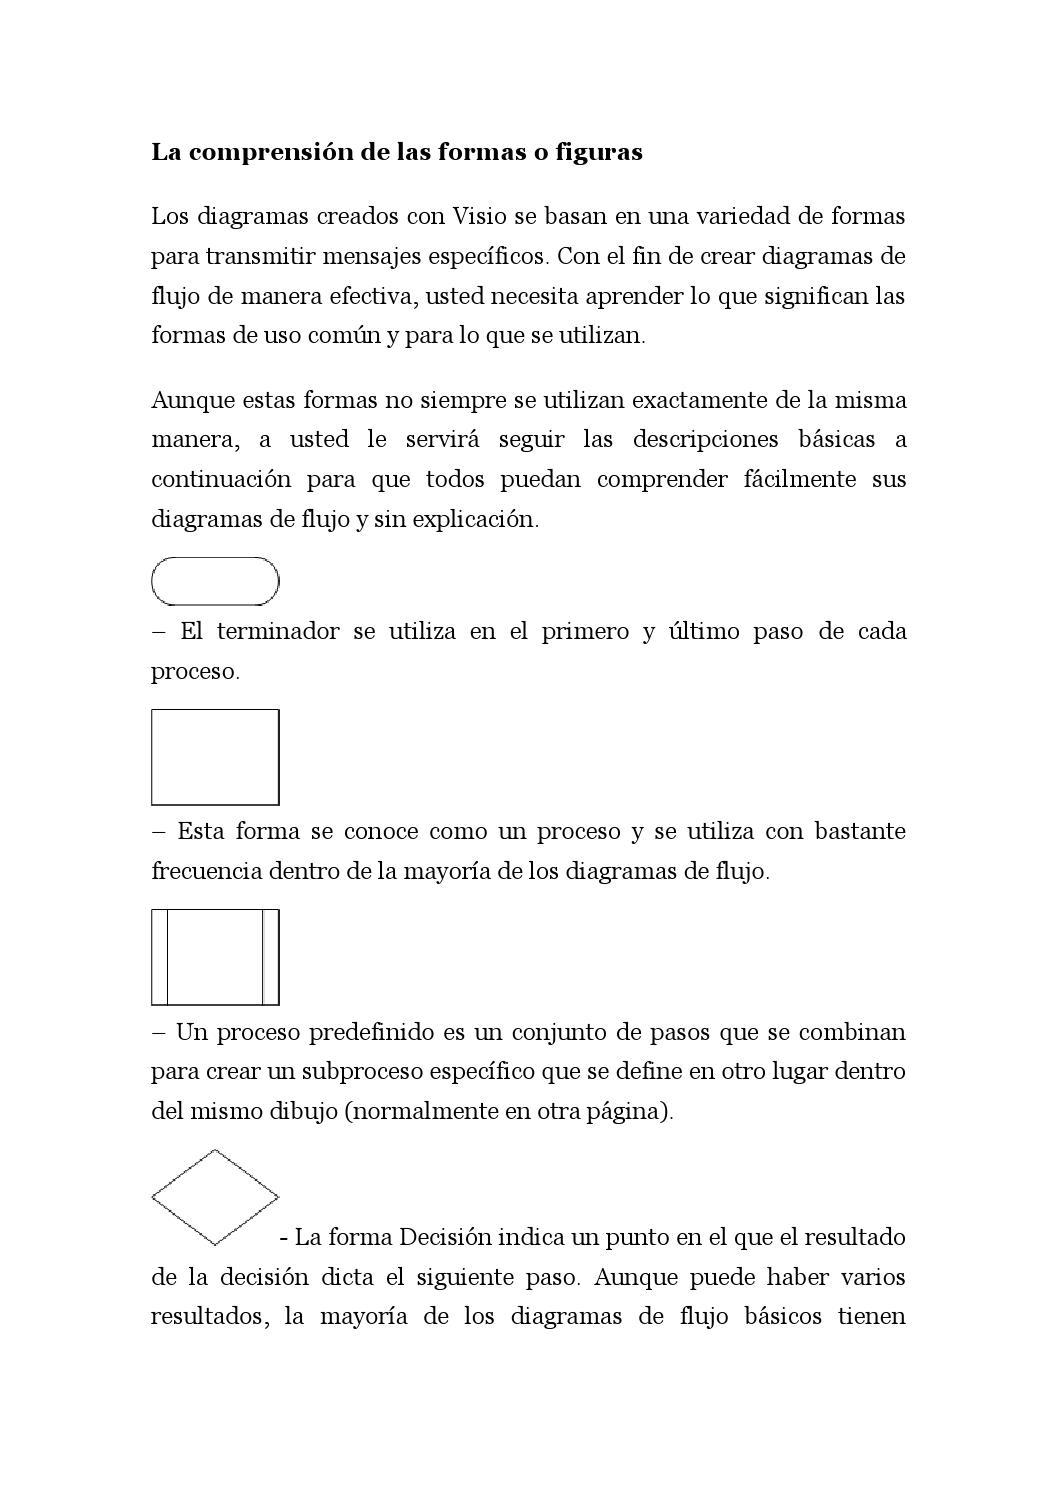 Comprencion de formas y figuras by Paola Guerrero - issuu